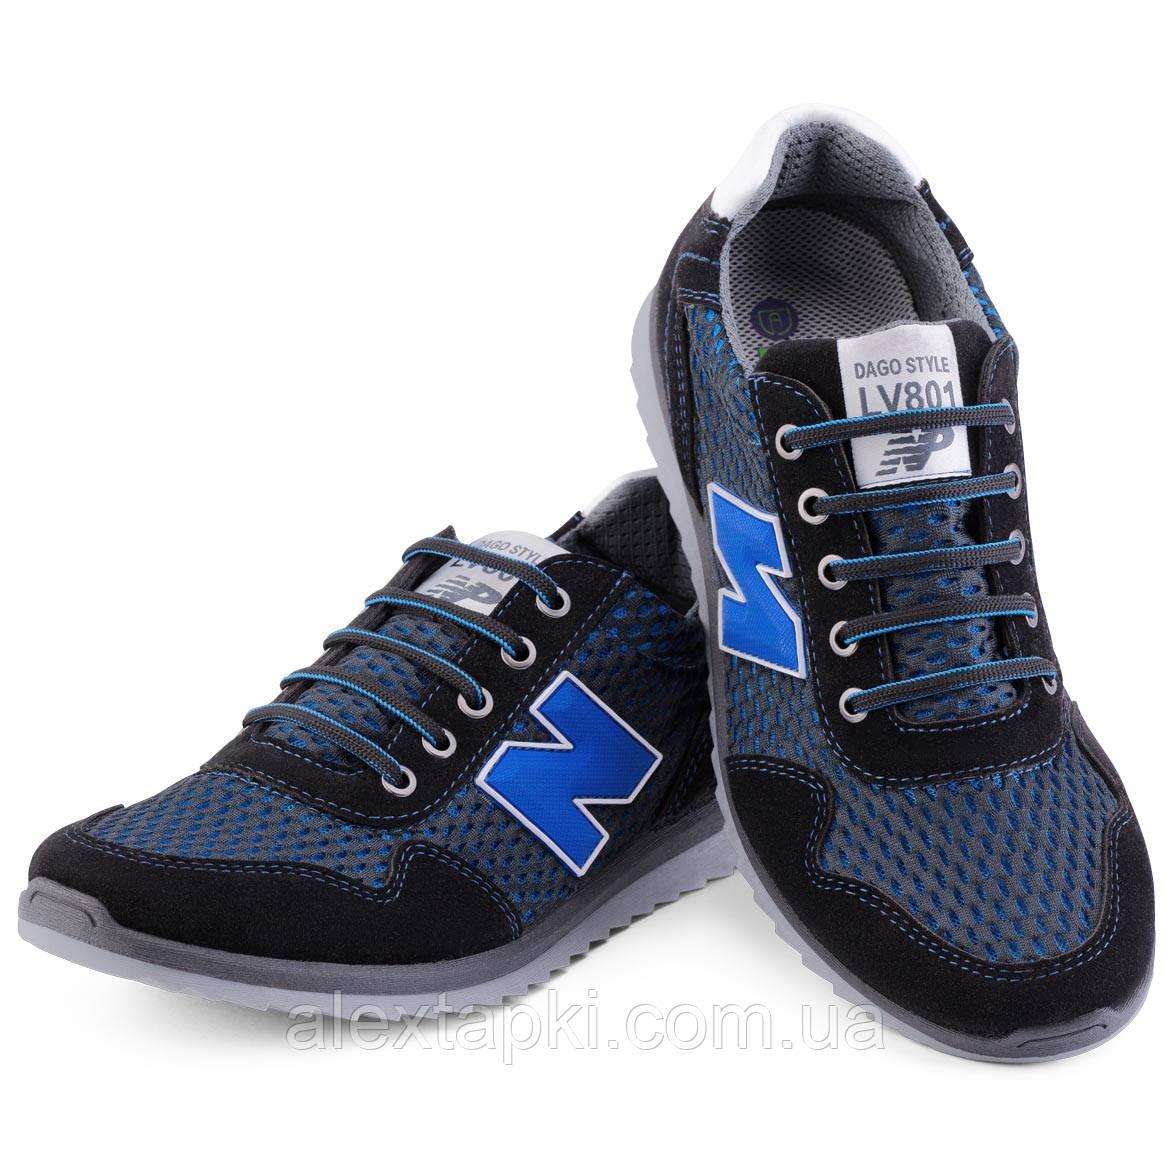 Мужские кроссовки Даго м3101